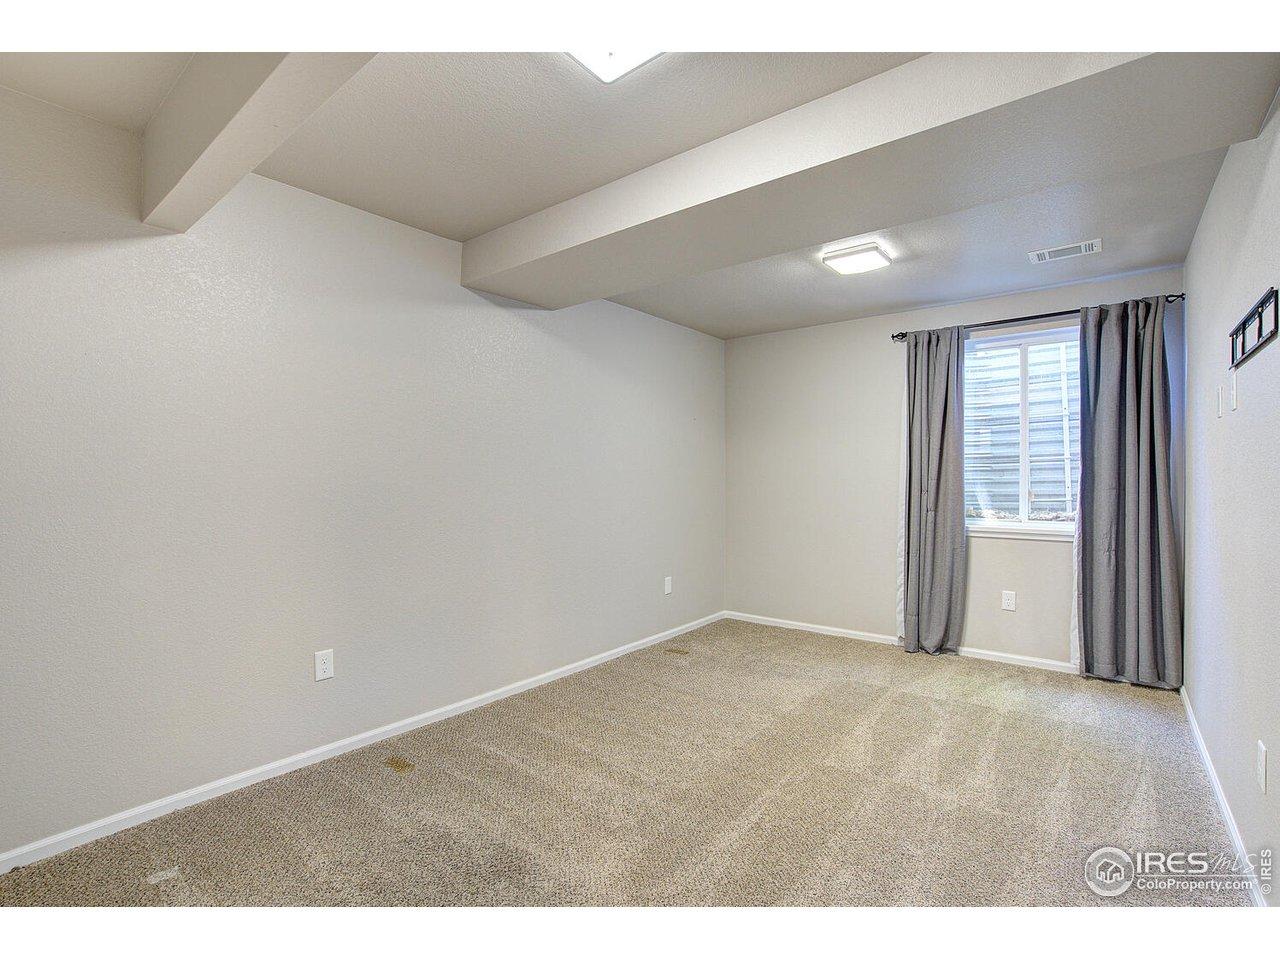 16 x 10 Owner suite